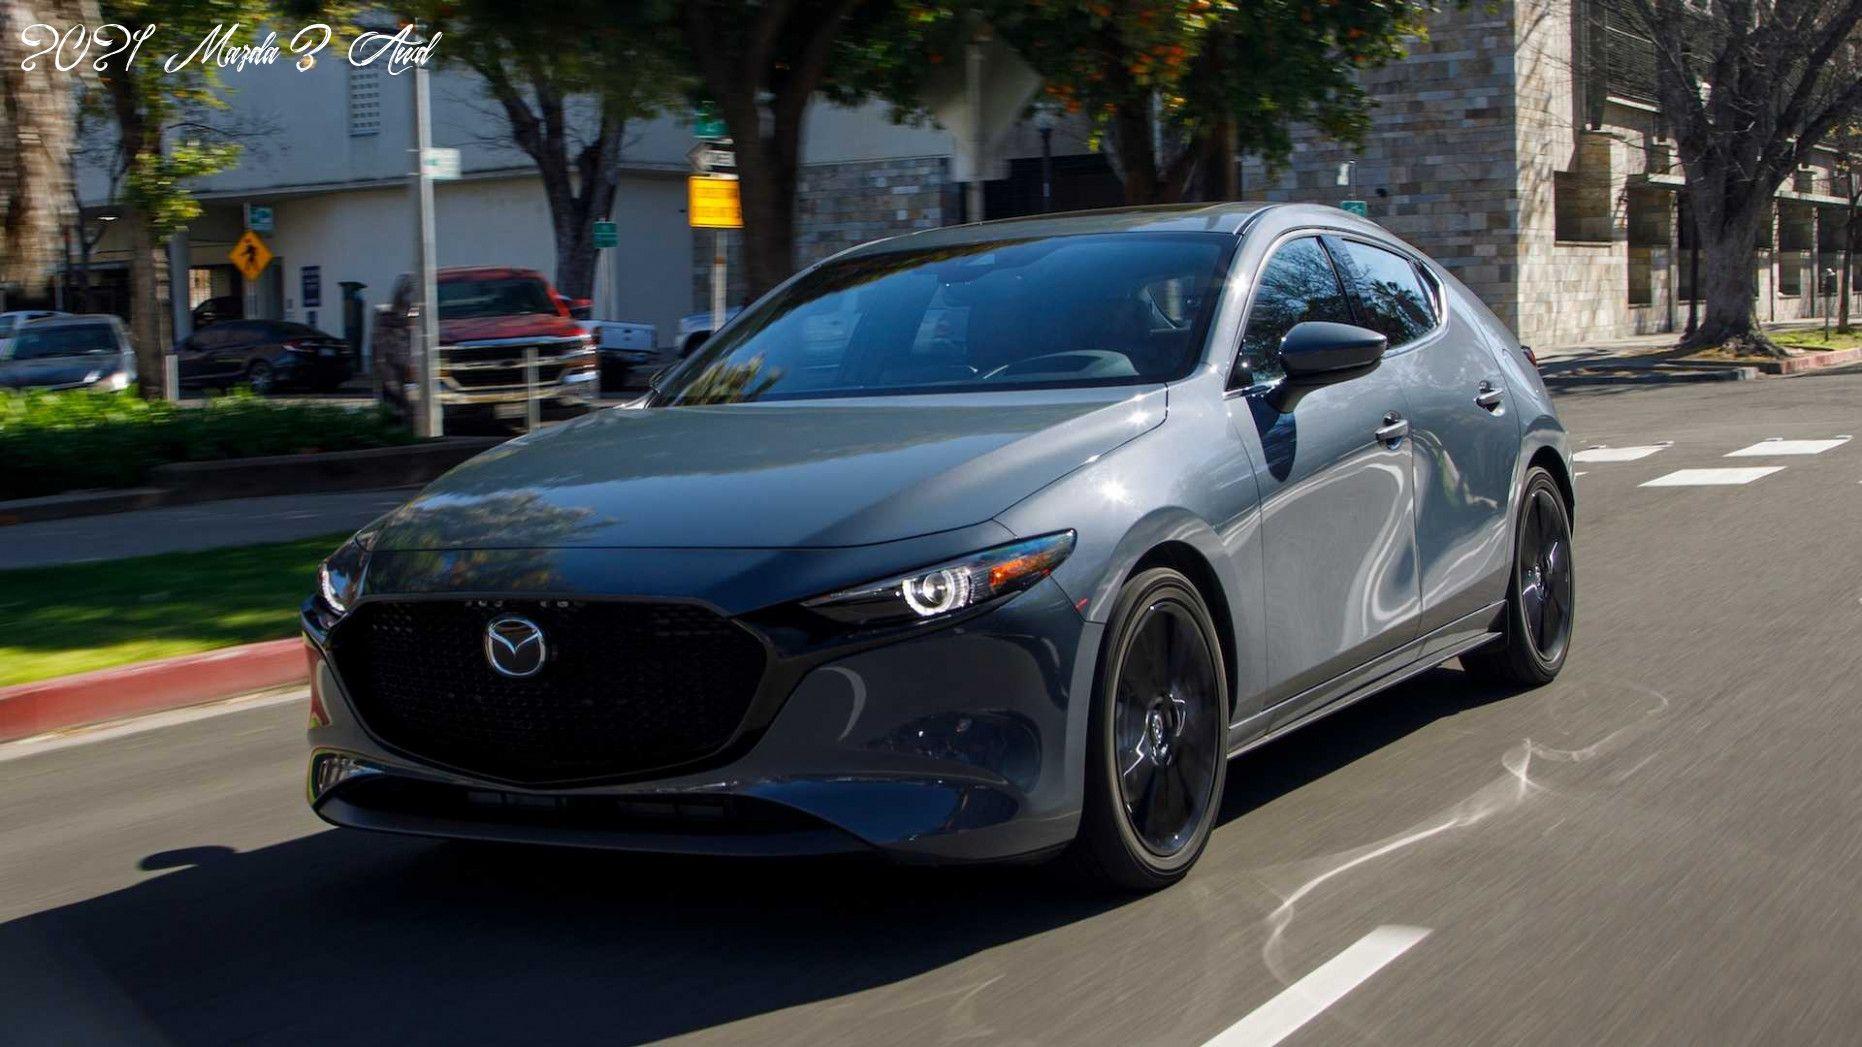 2021 Mazda 3 Awd Price In 2020 Mazda 3 Mazda Awd